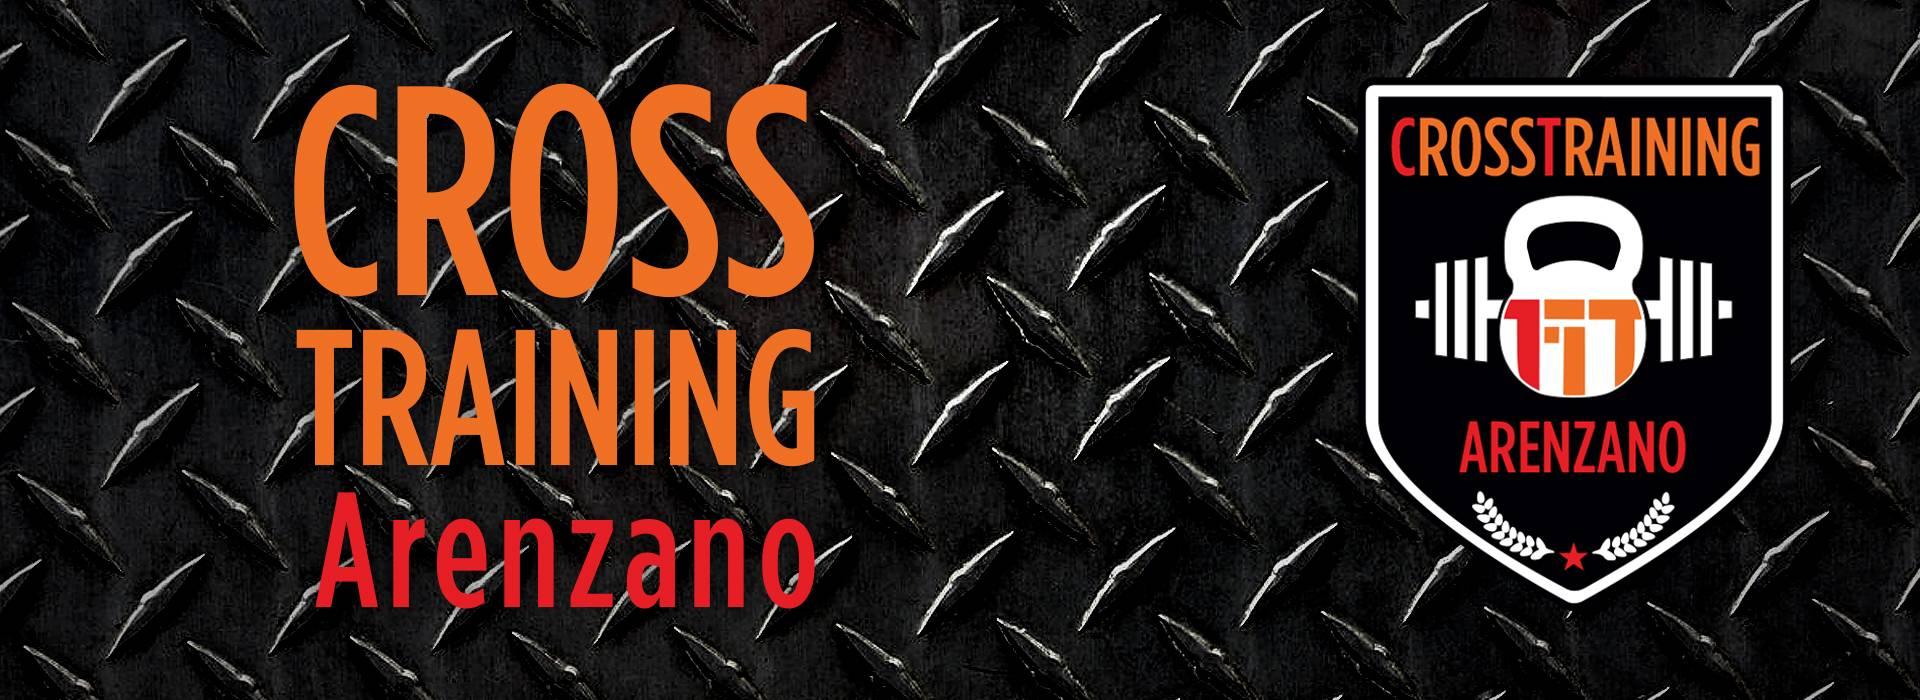 palestra arenzano cross training 24 ore tutti giorni